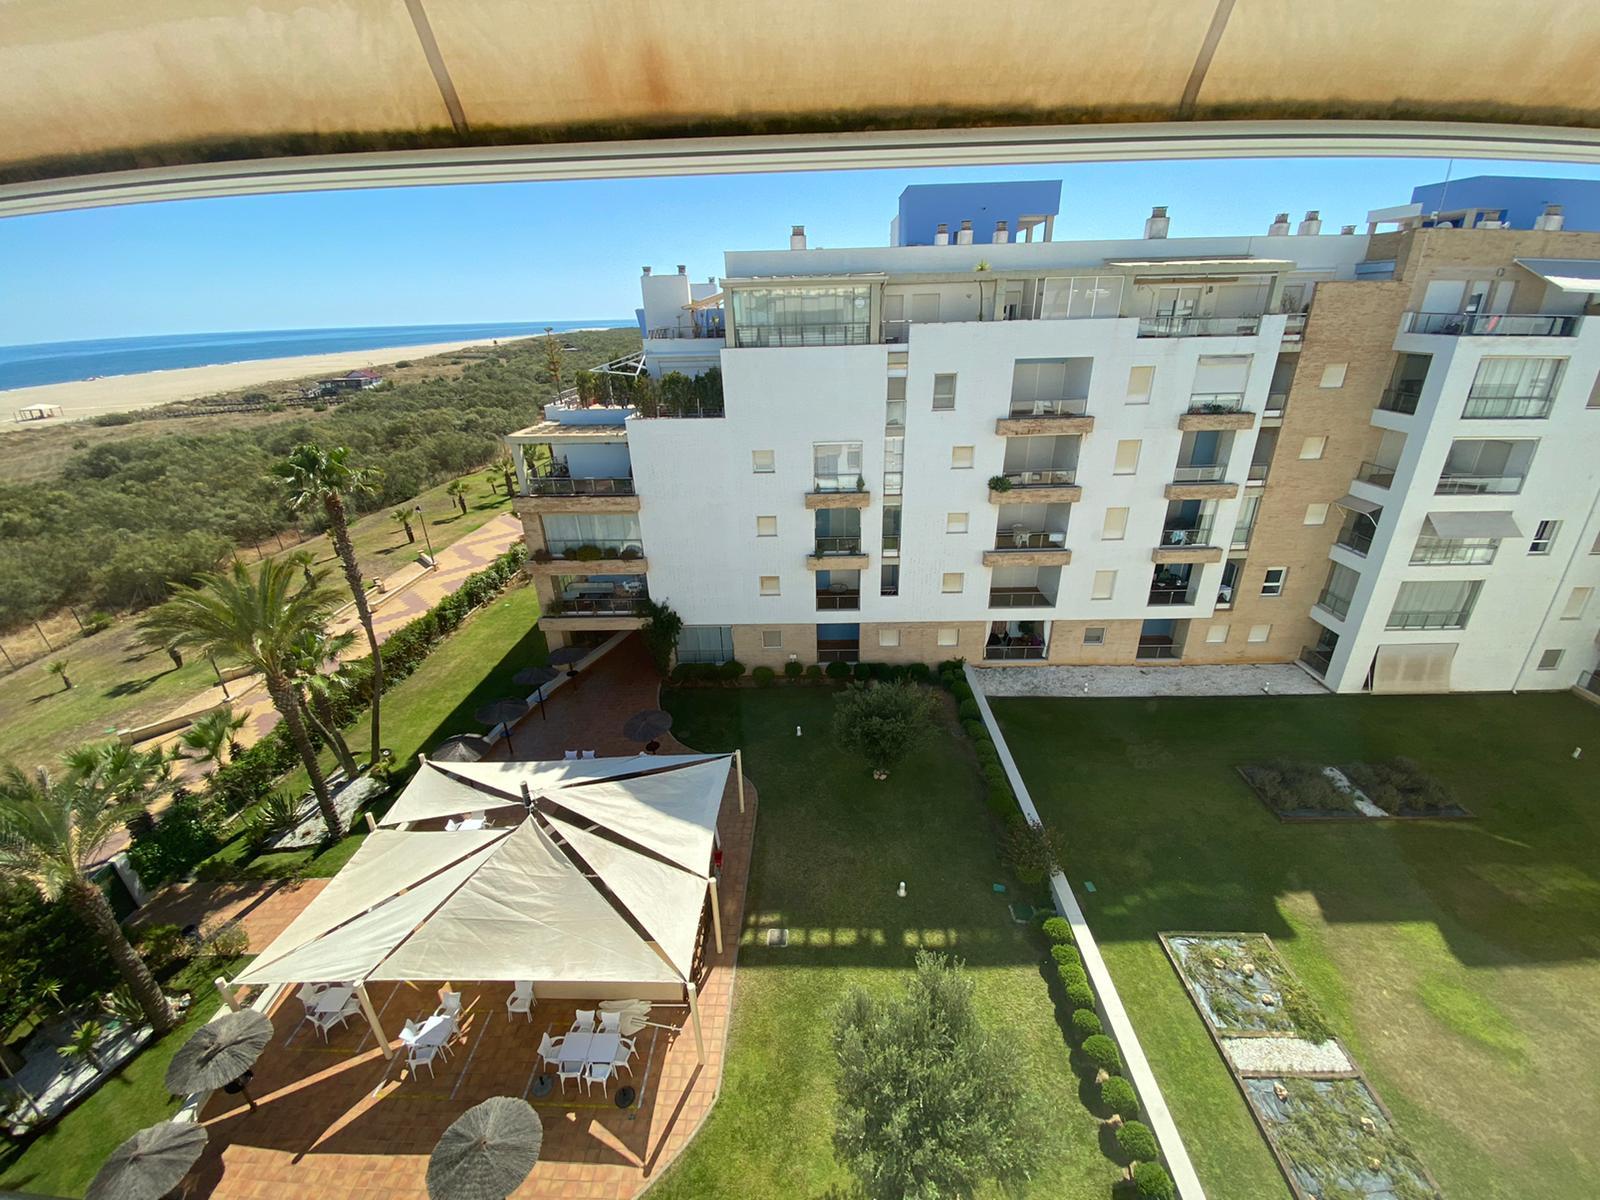 Imagen 57 del Apartamento Turístico, Ático 3 Levante, Frontal (4d+2b), Punta del Moral (HUELVA), Paseo de la Cruz nº22